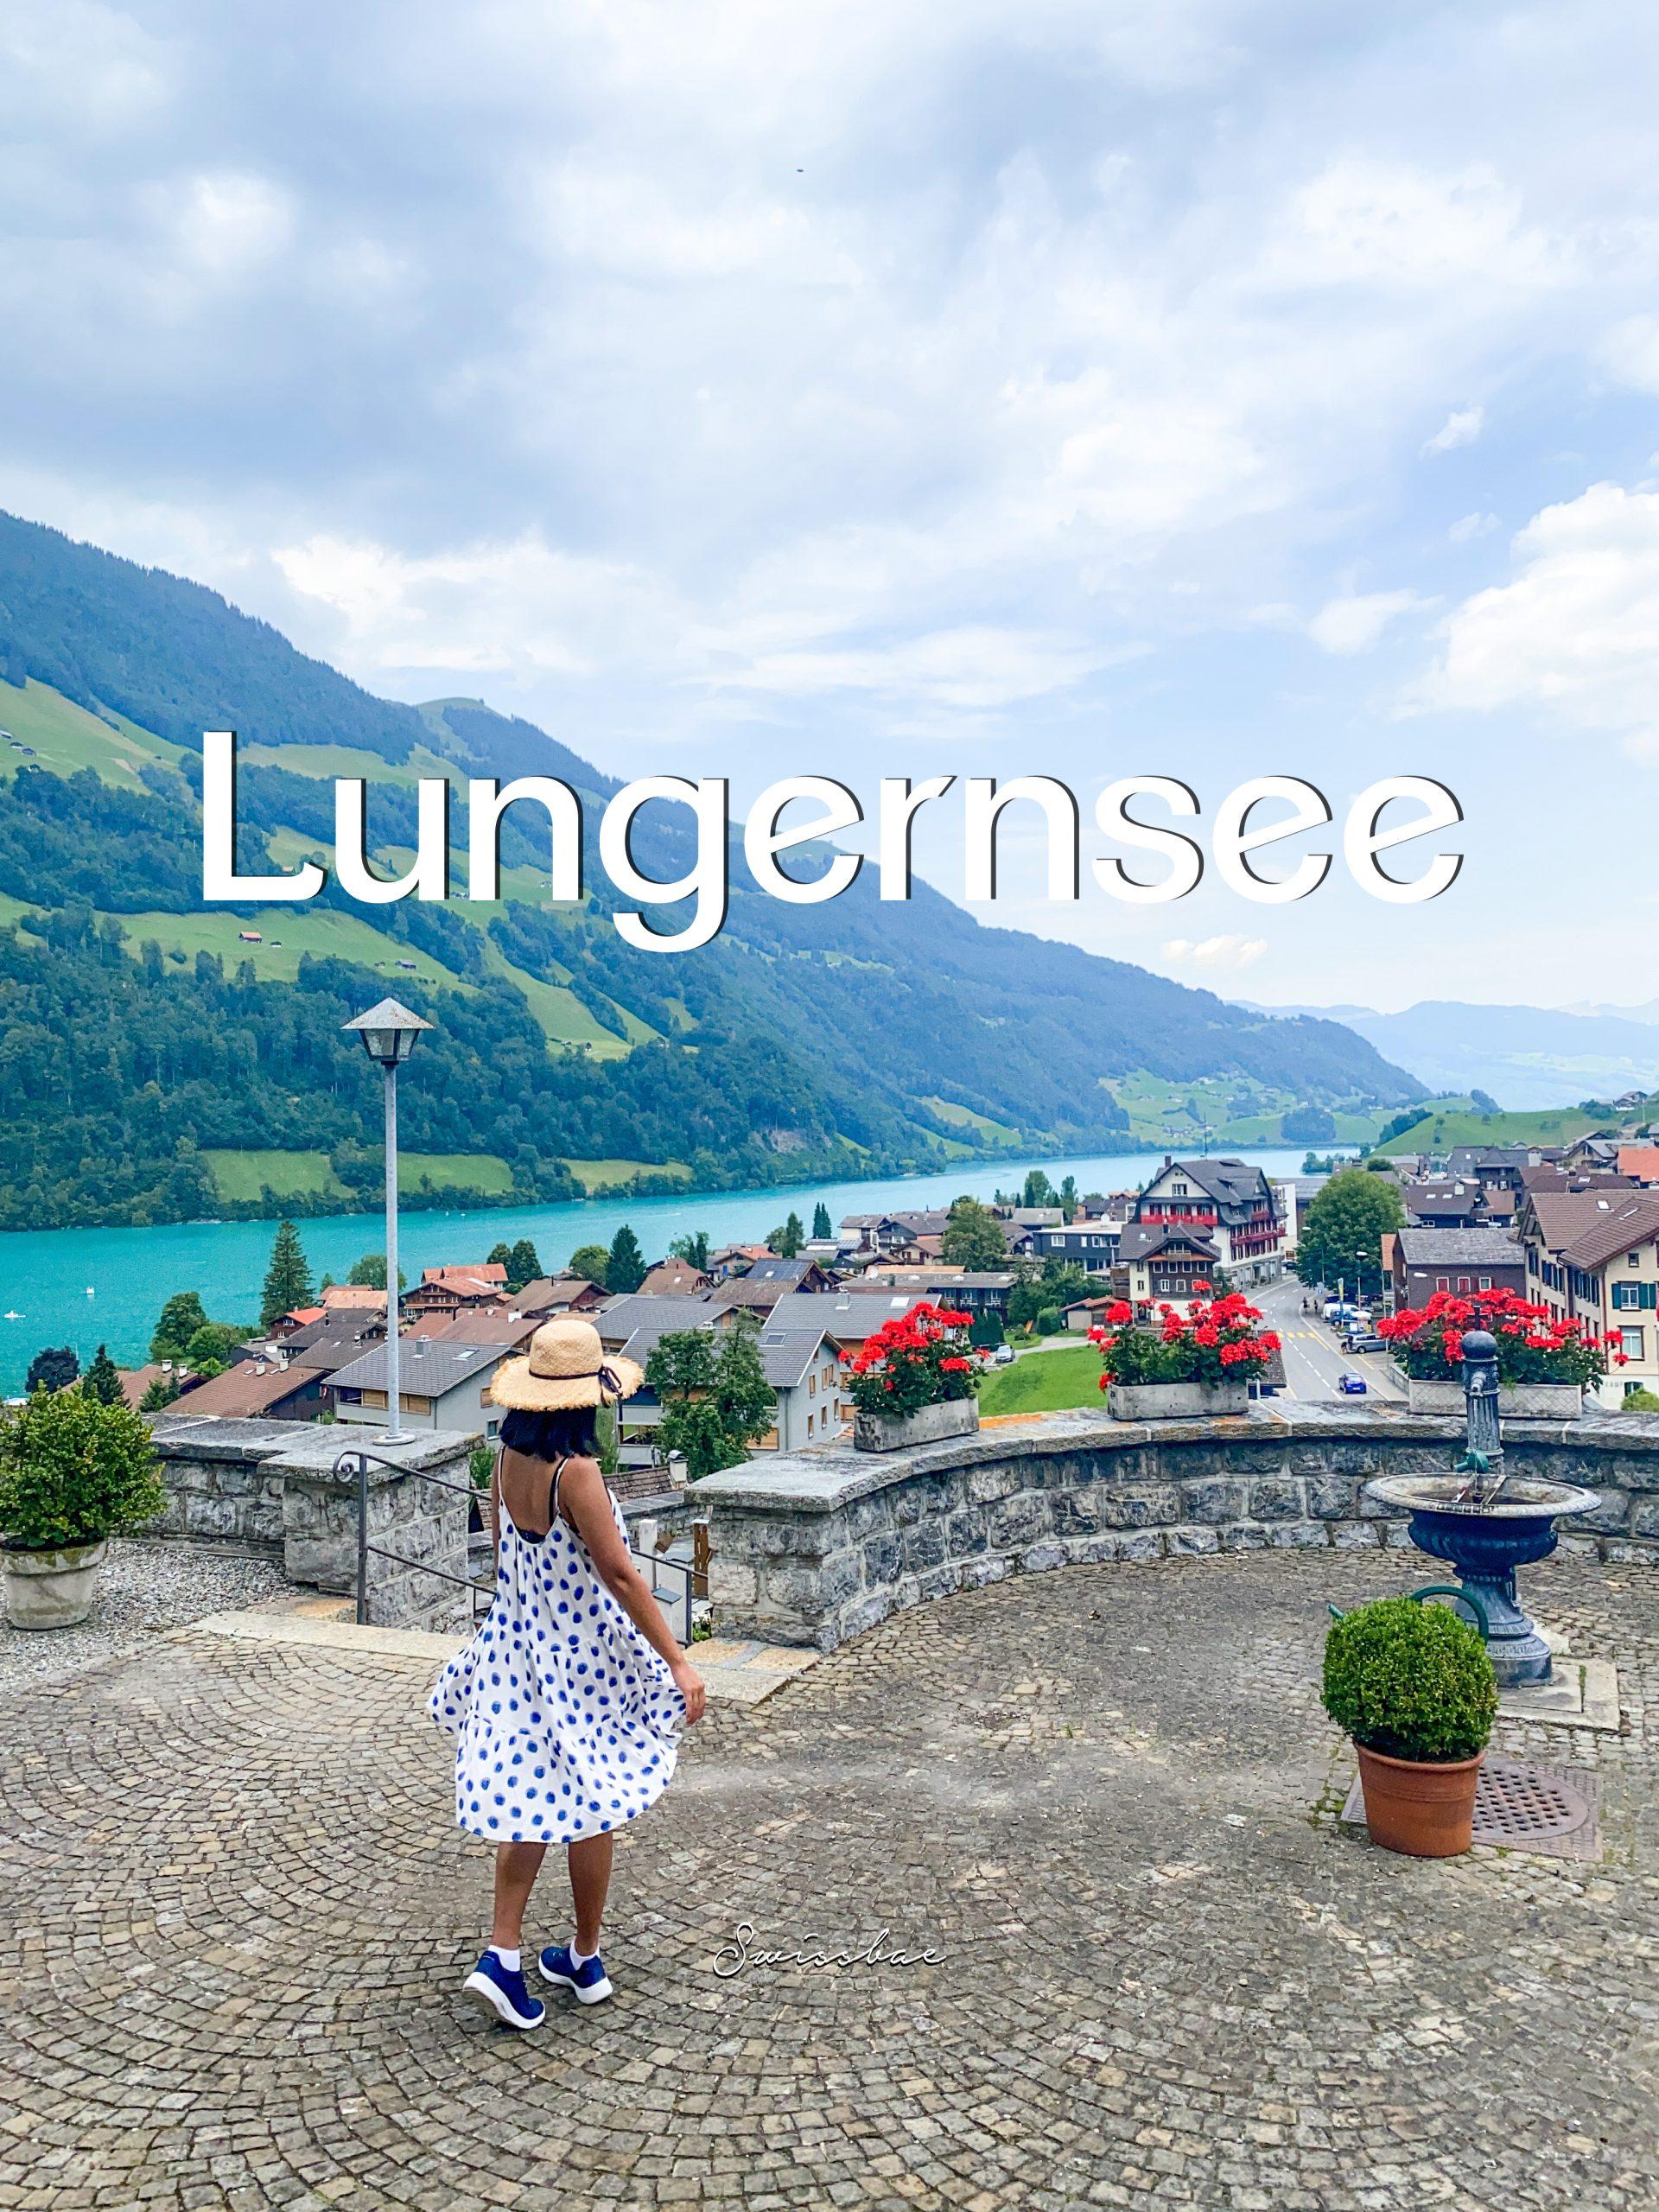 Lungernsee - Swissbae - Thitari